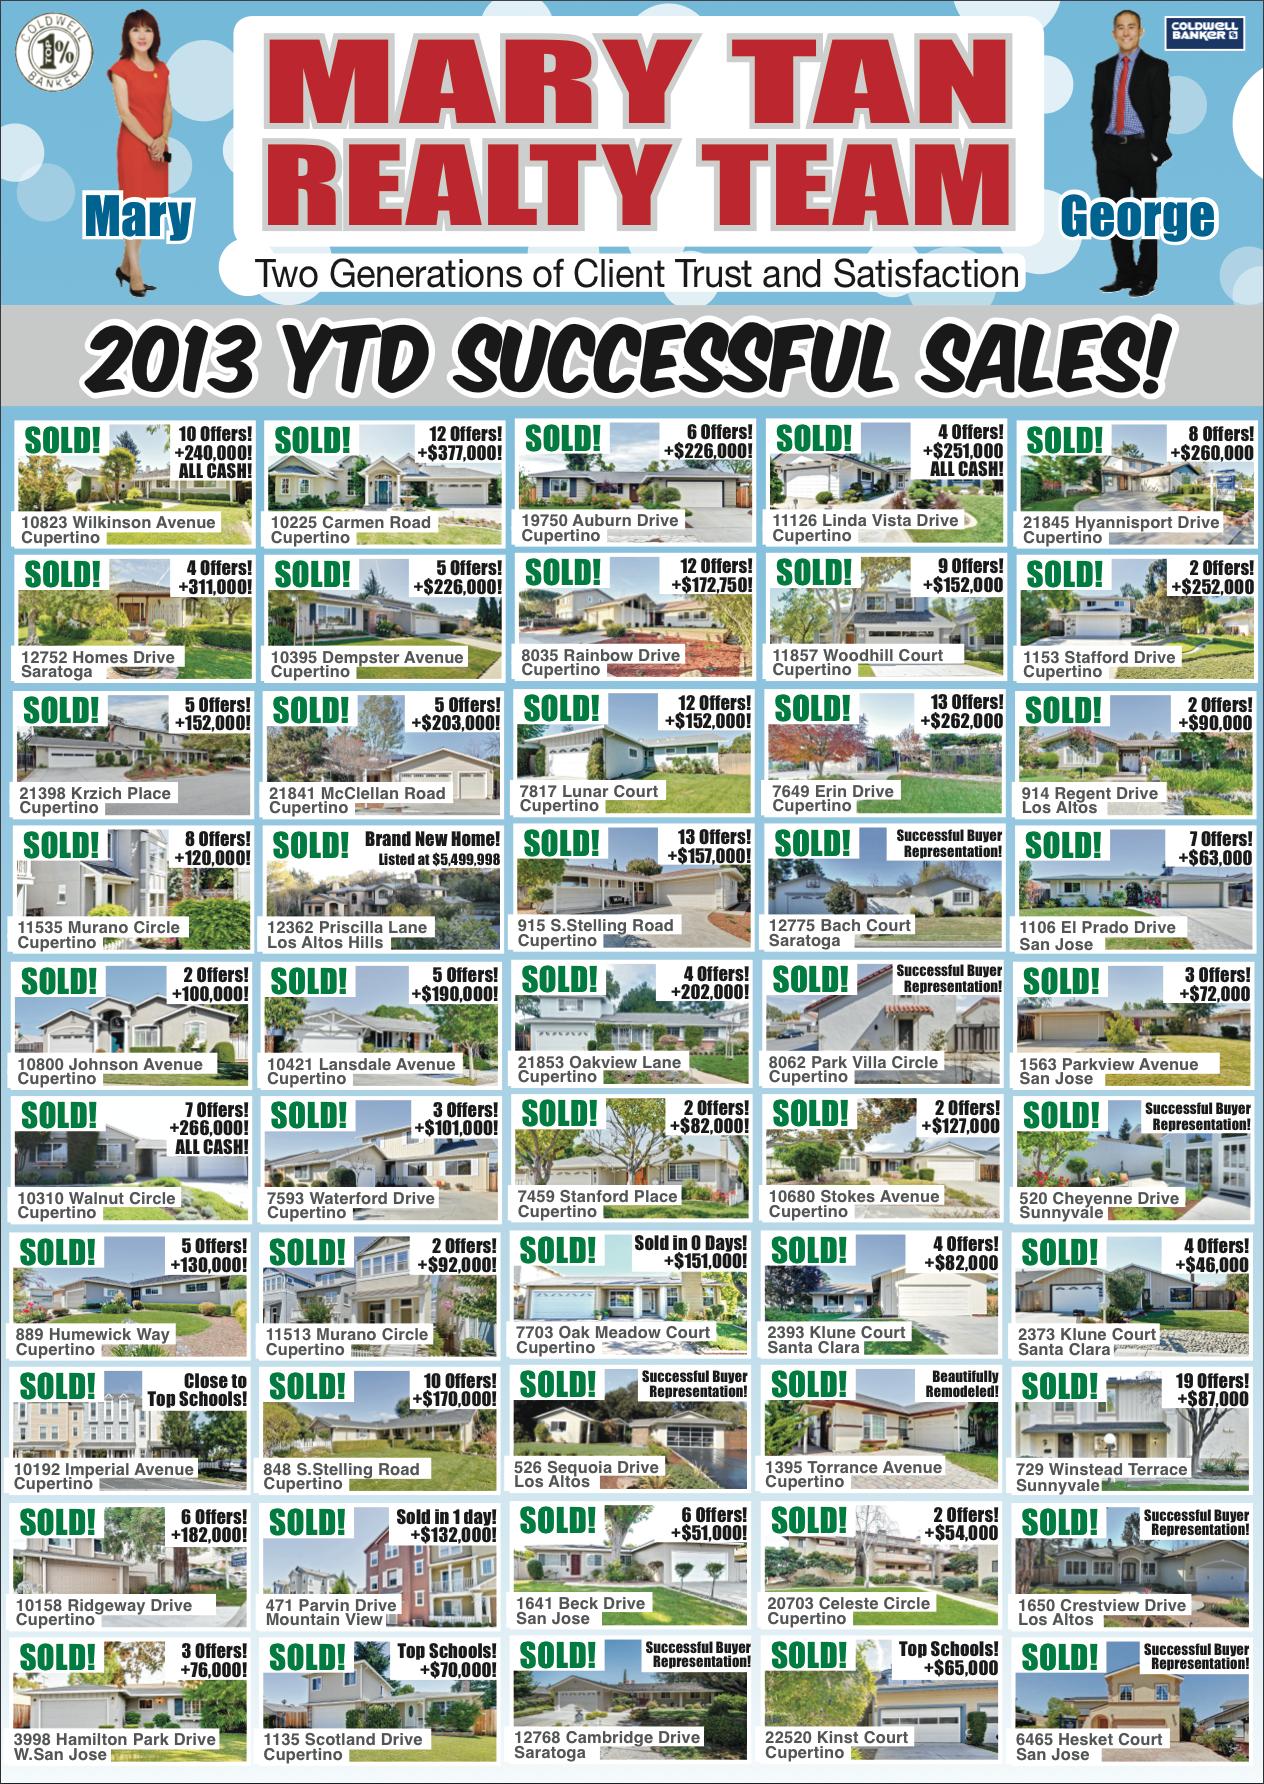 2013 YTD Dec 2013